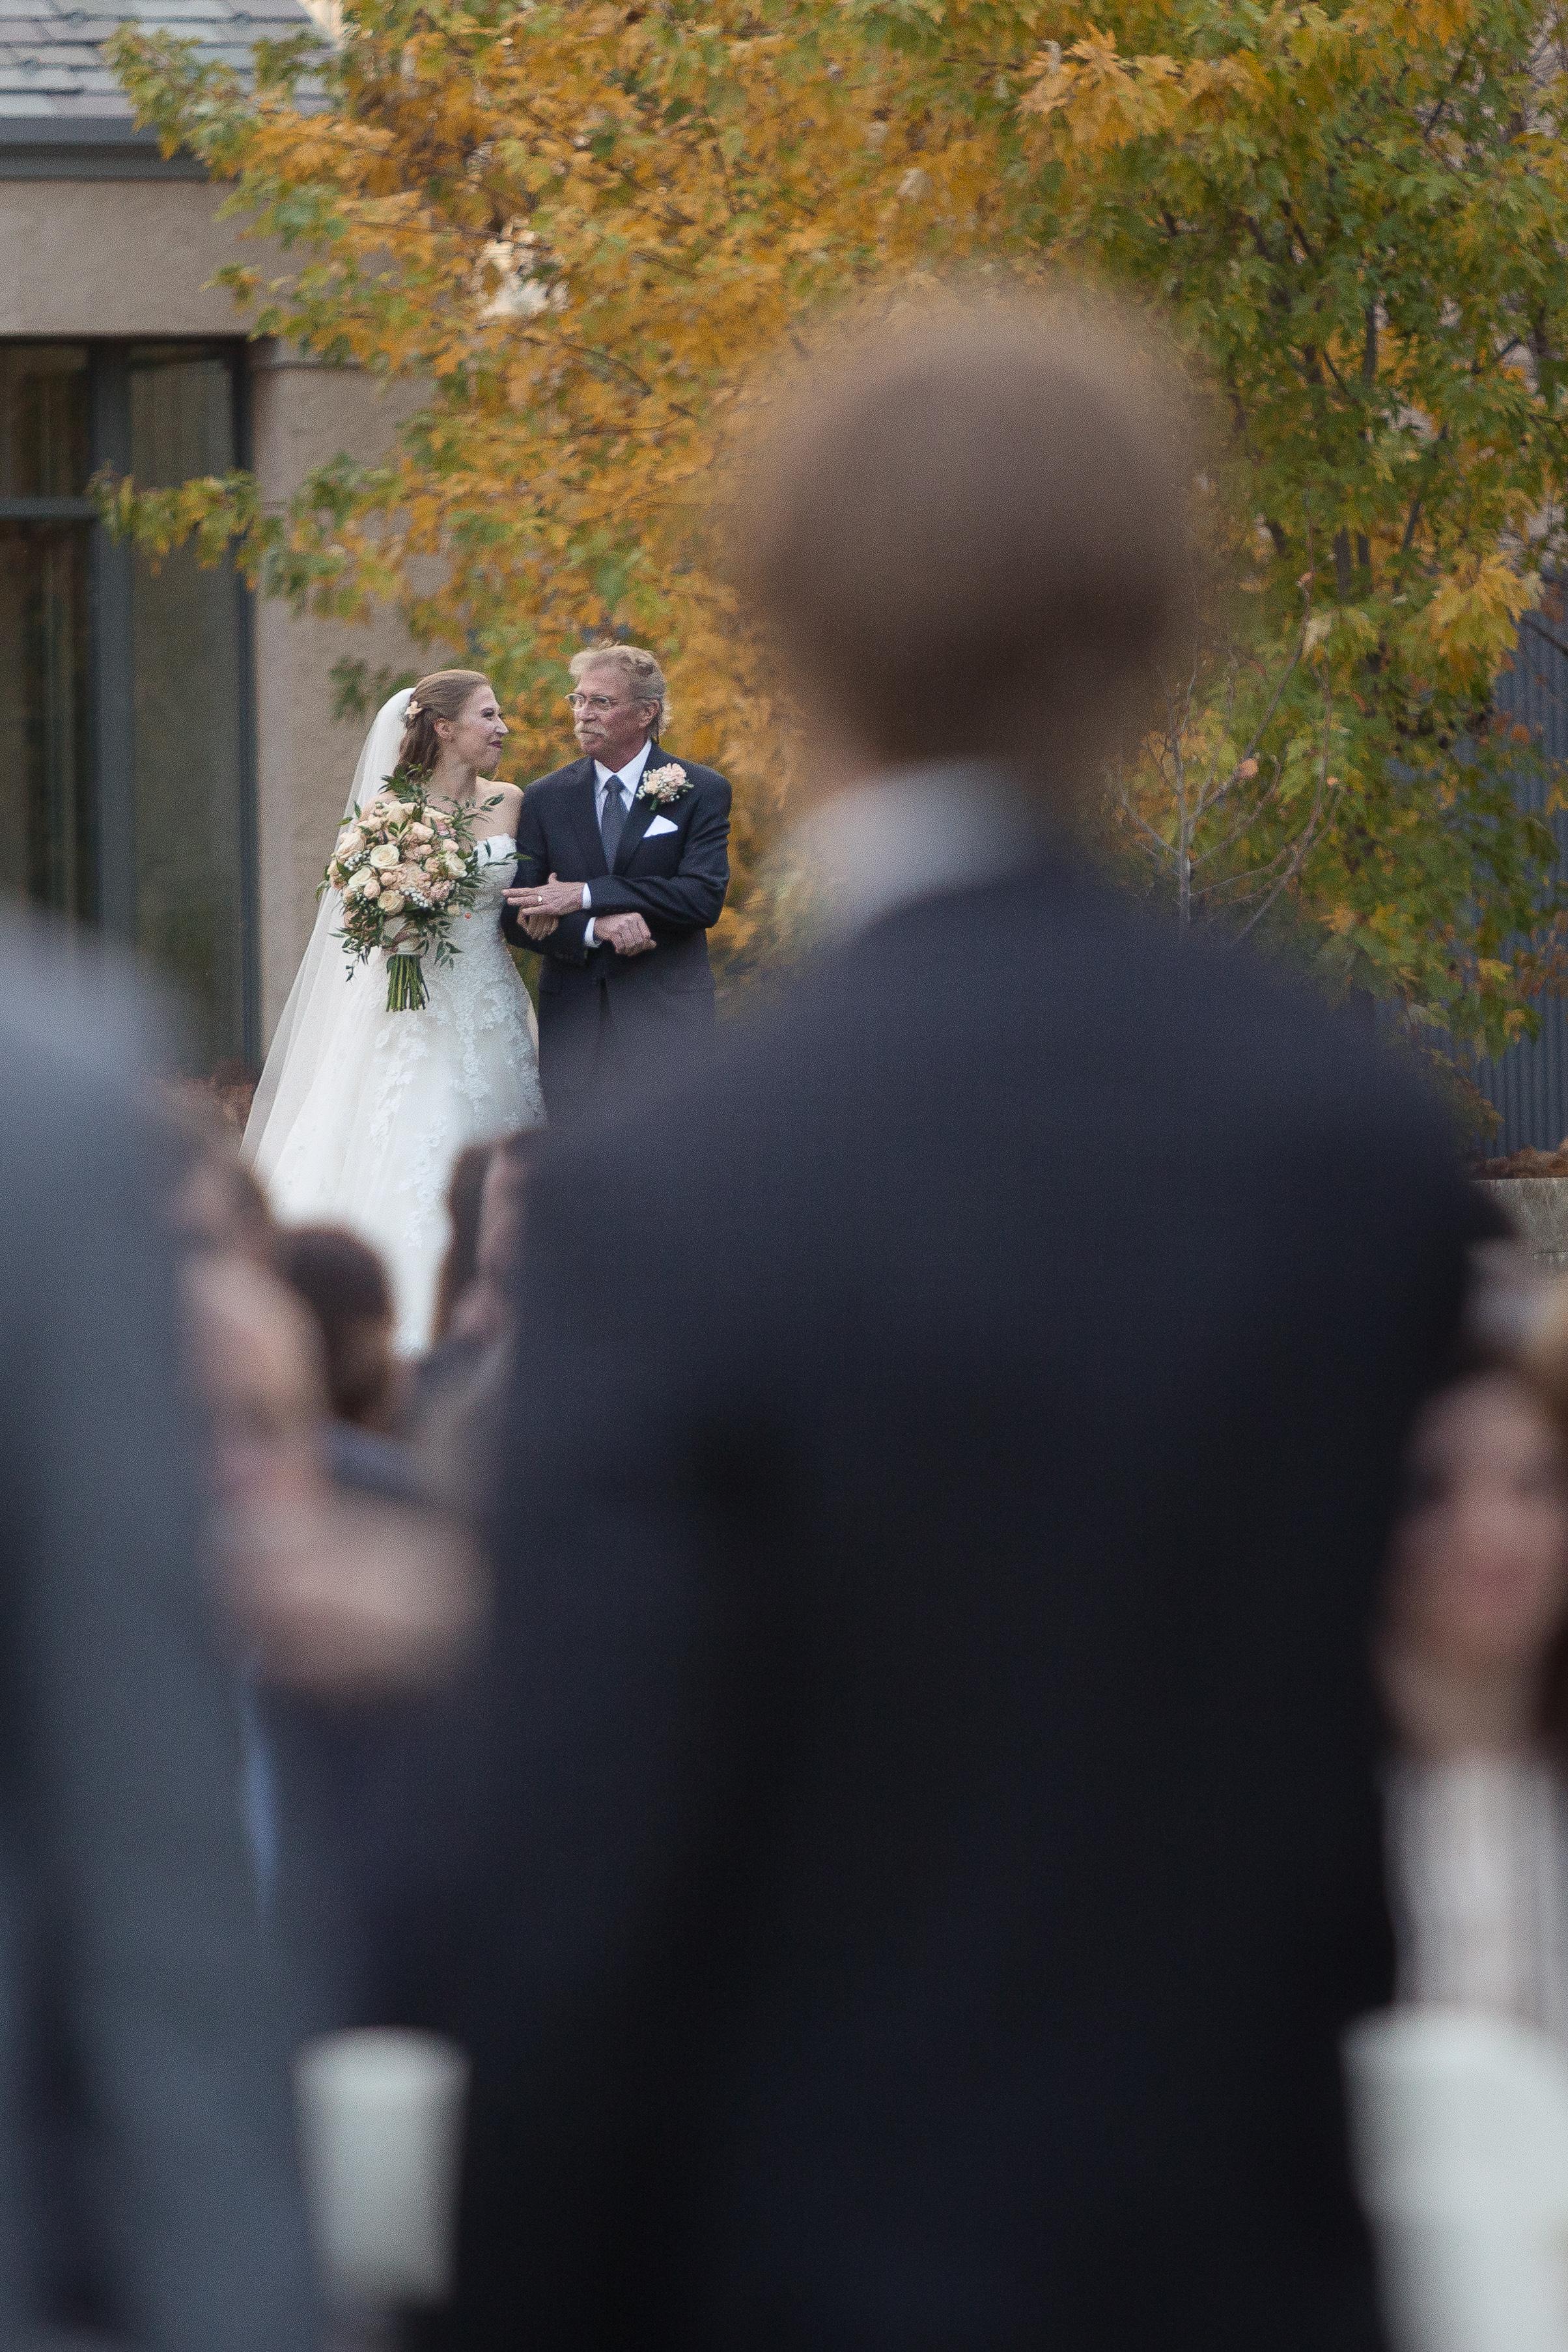 C_Wedding_Spellman, Megan & Tyler_10.27.18-1328.JPG